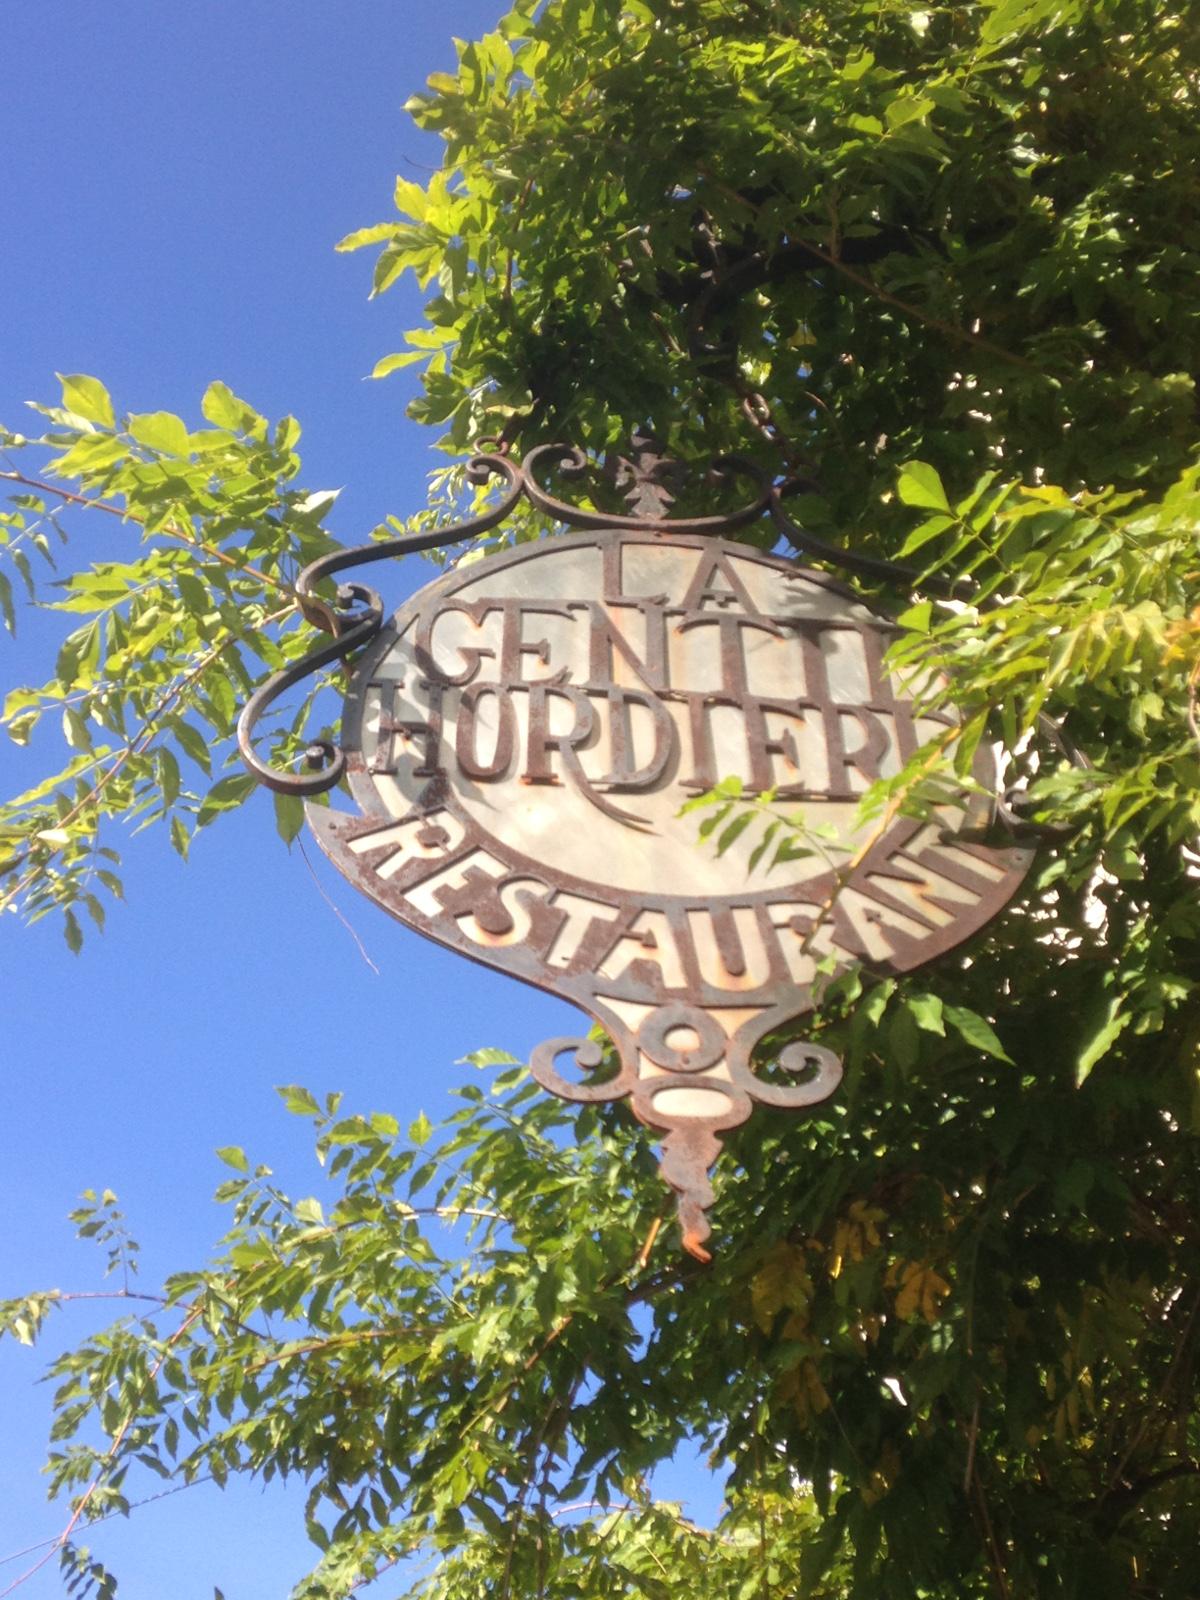 charme_bussiness_hotel-les_logis-limonest-la_gentilhordiere-gastronomie-restaurant-1